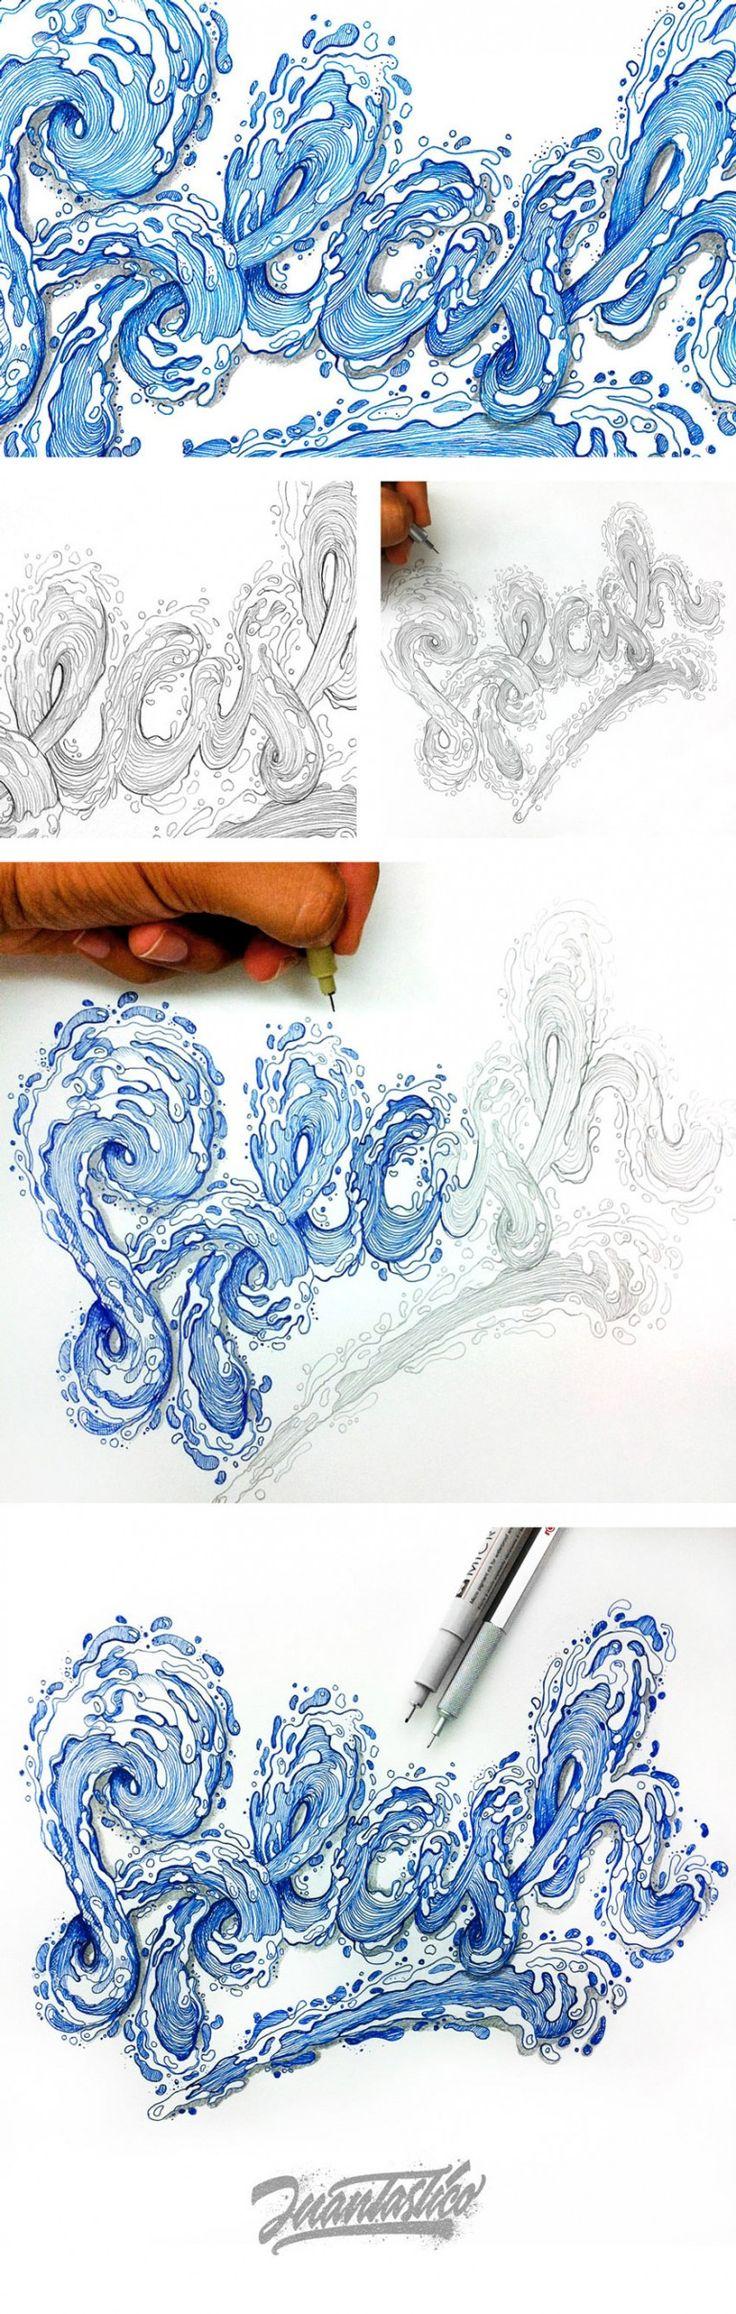 SPLASH Typography Illustrations